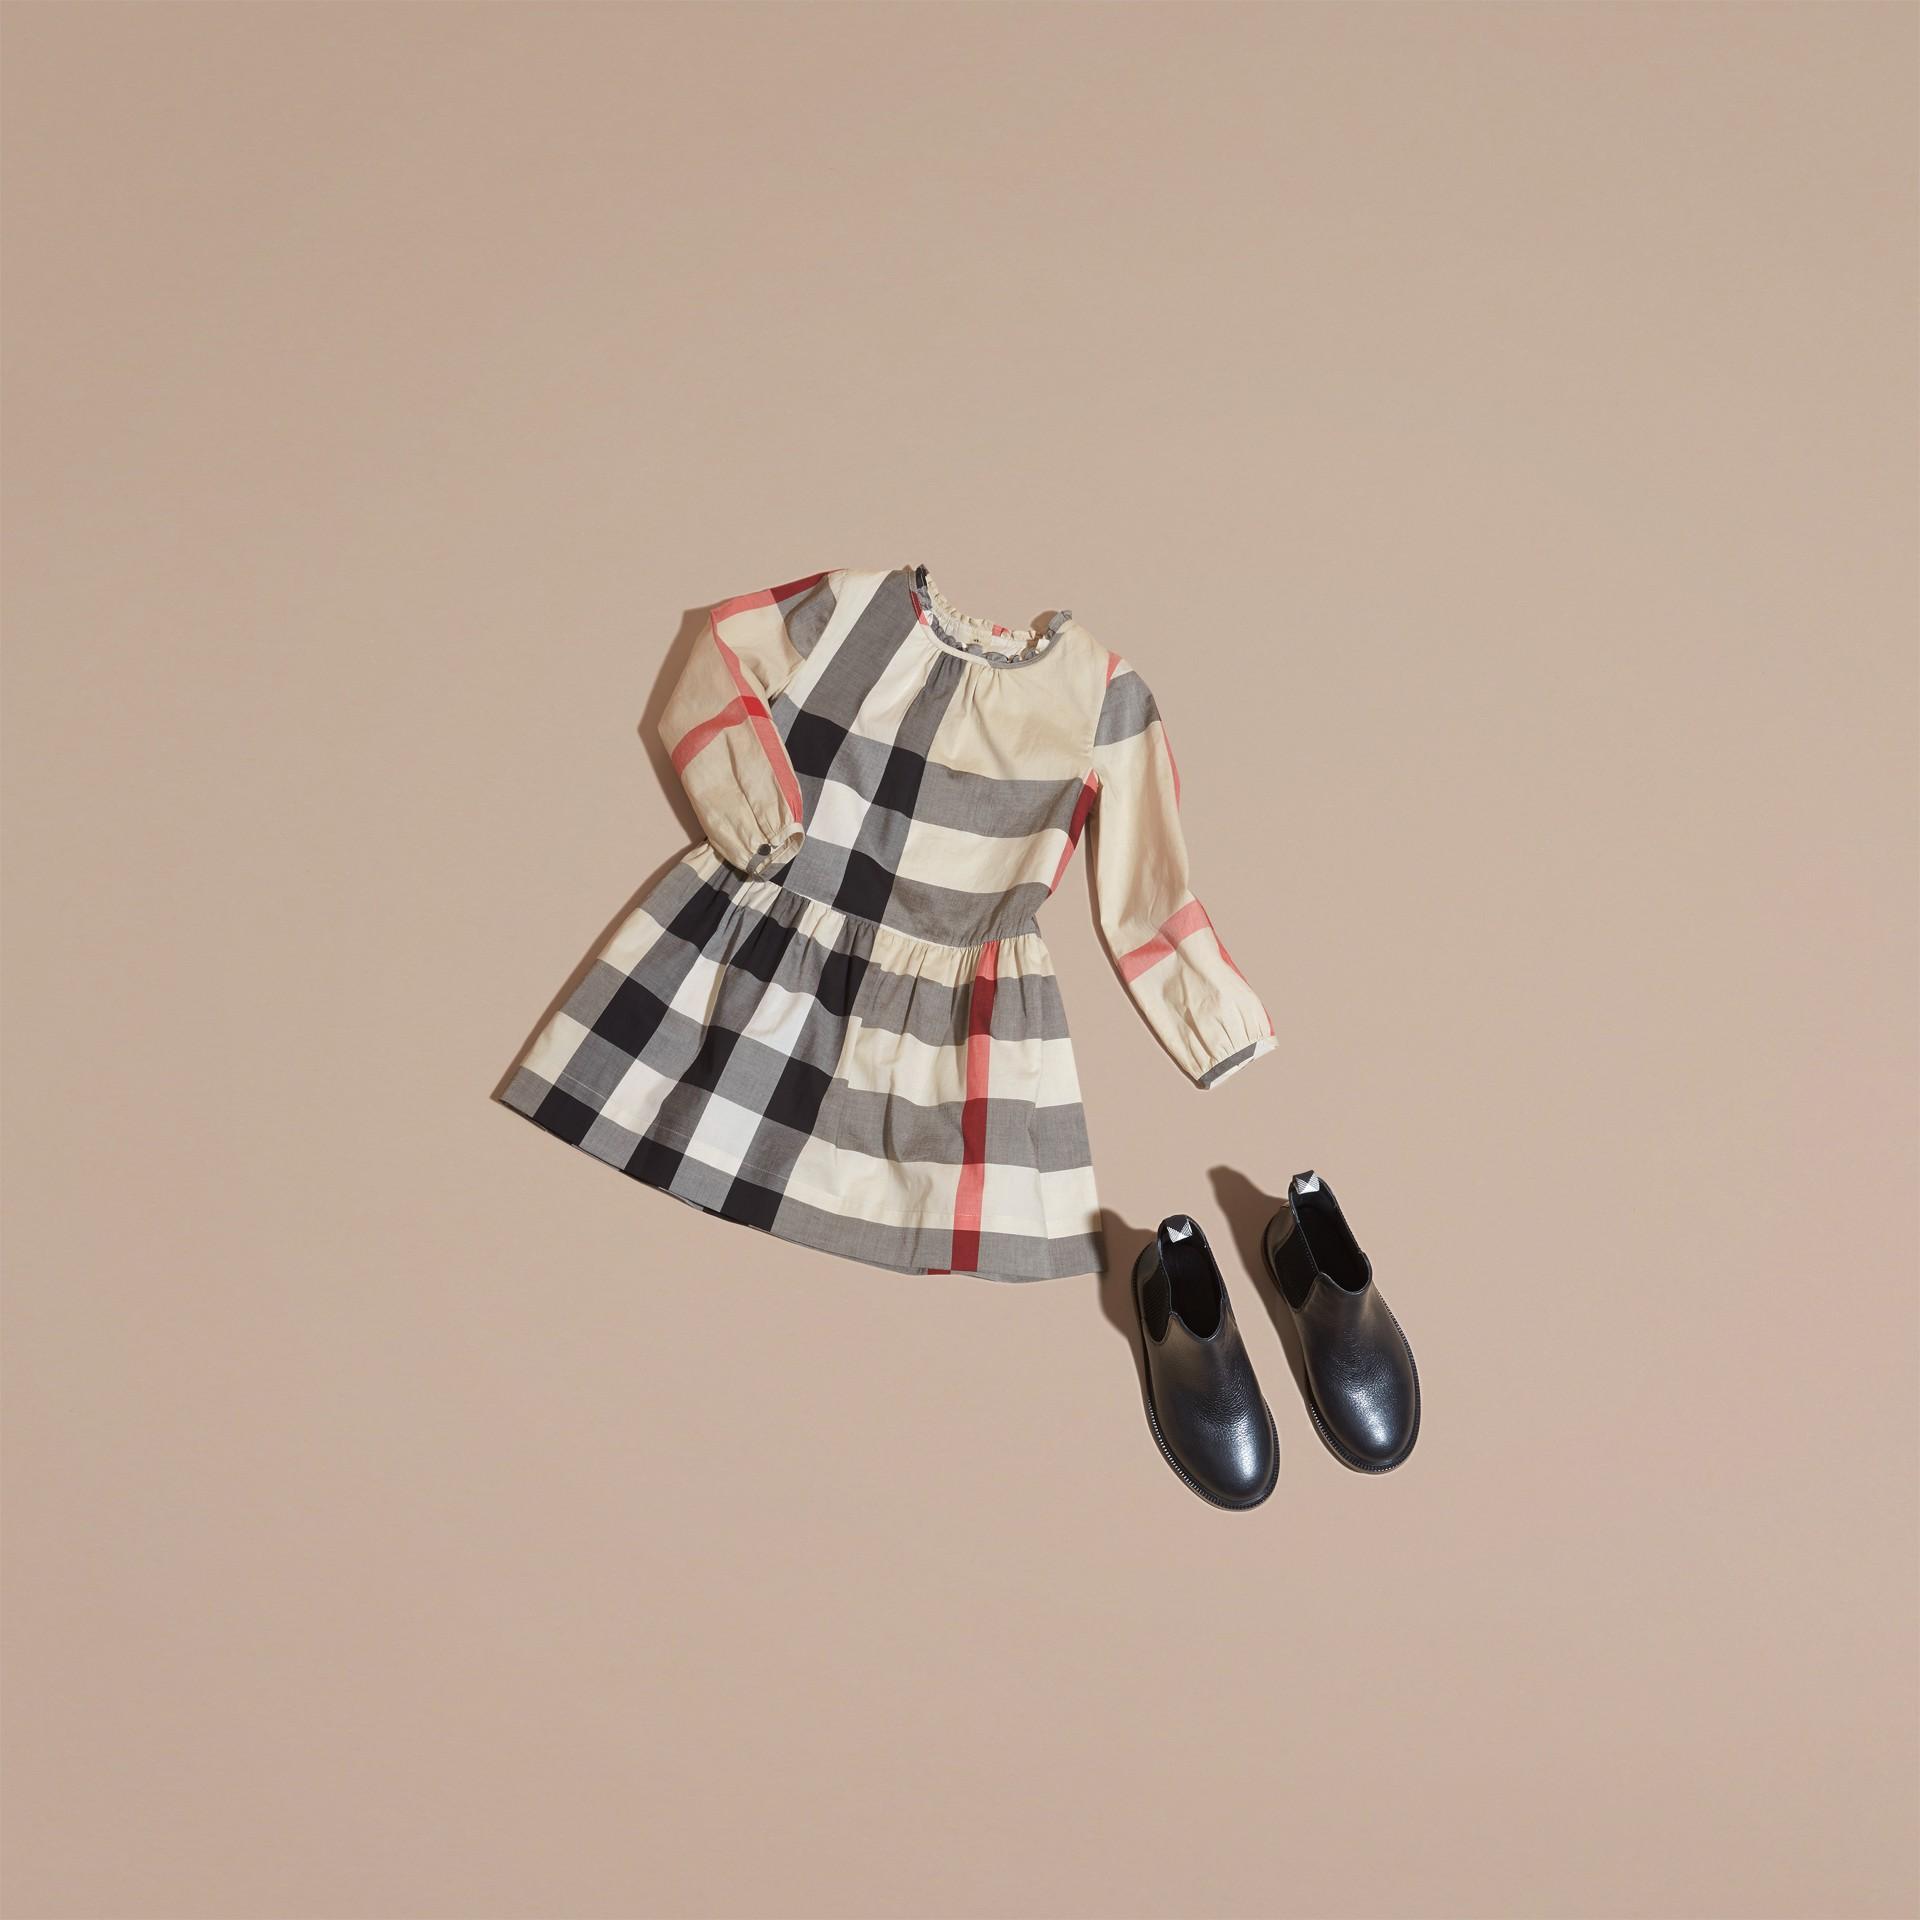 New classic check Vestido de algodão com estampa xadrez e detalhe franzido New Classic Check - galeria de imagens 5